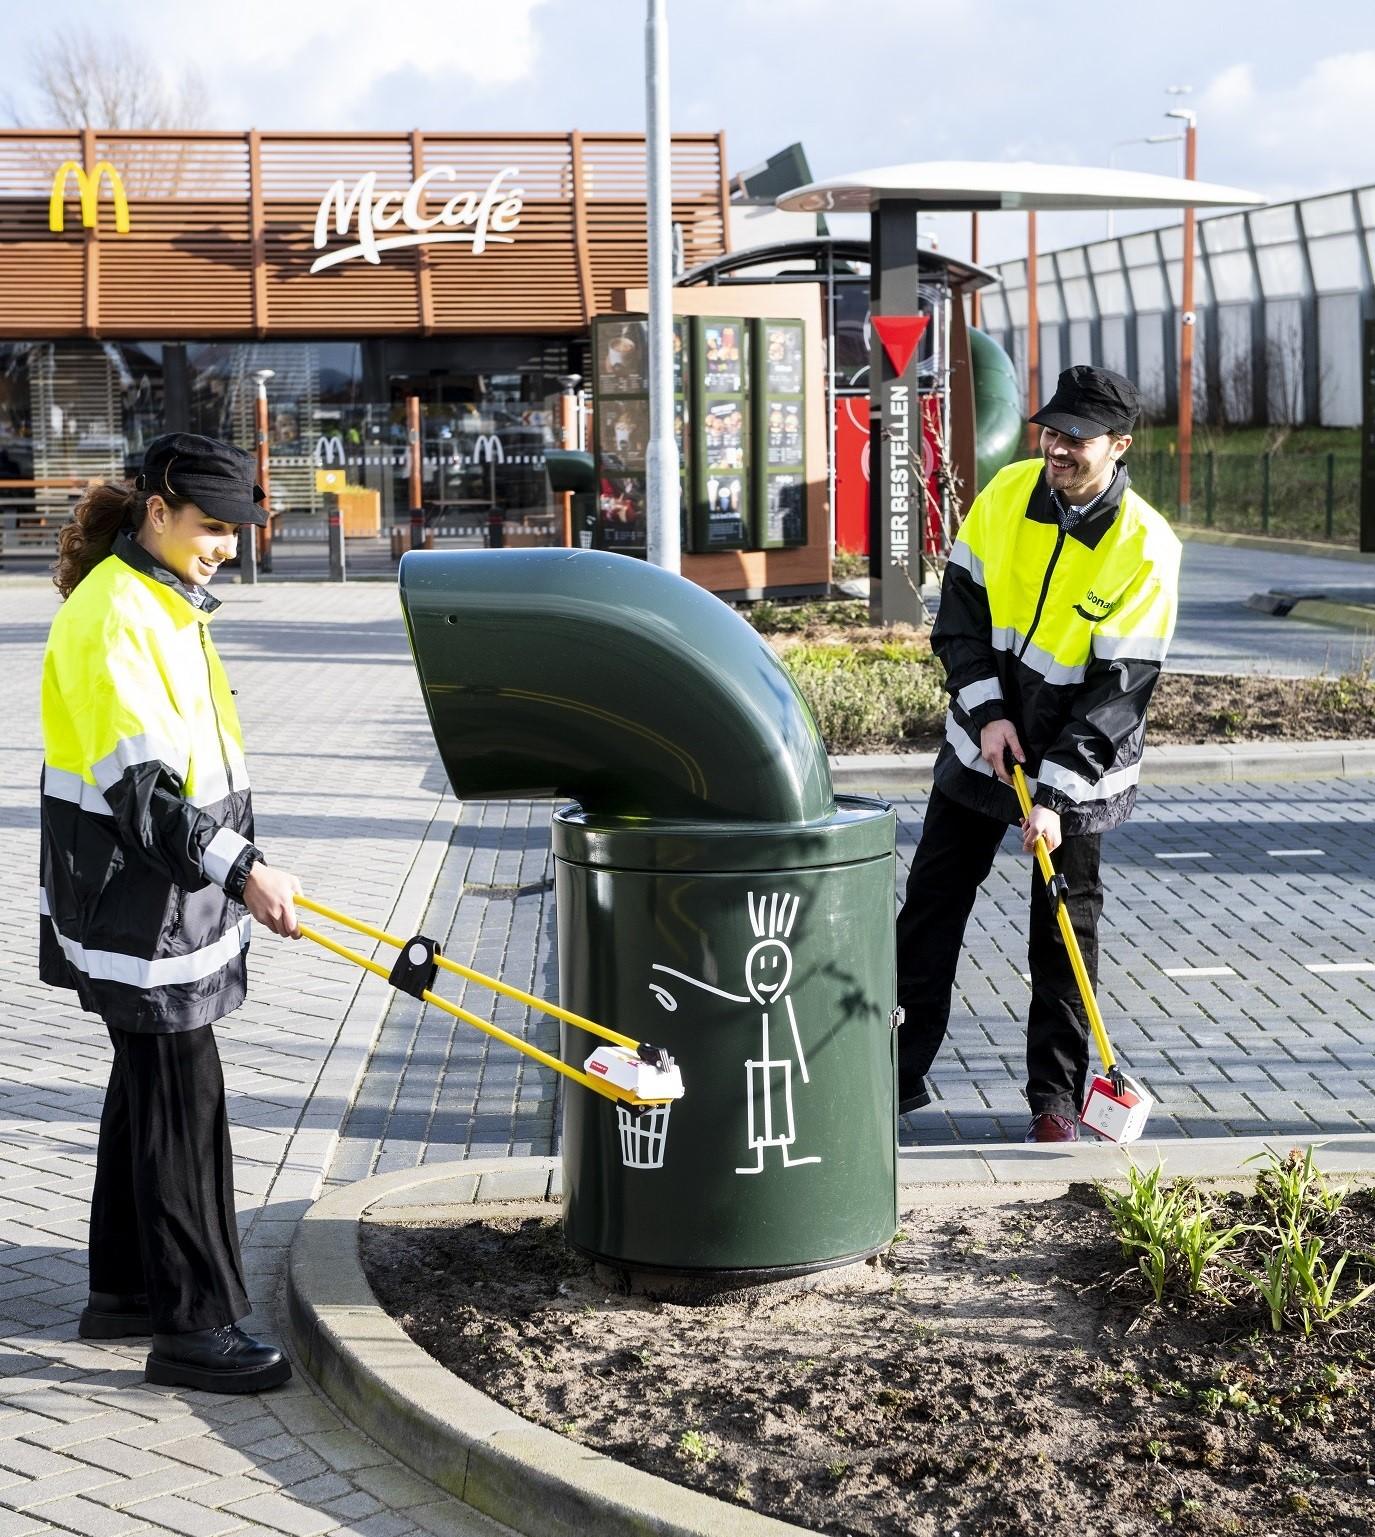 Directie van McDonald's Nederland gaat zwerfafval opruimen in Deventer